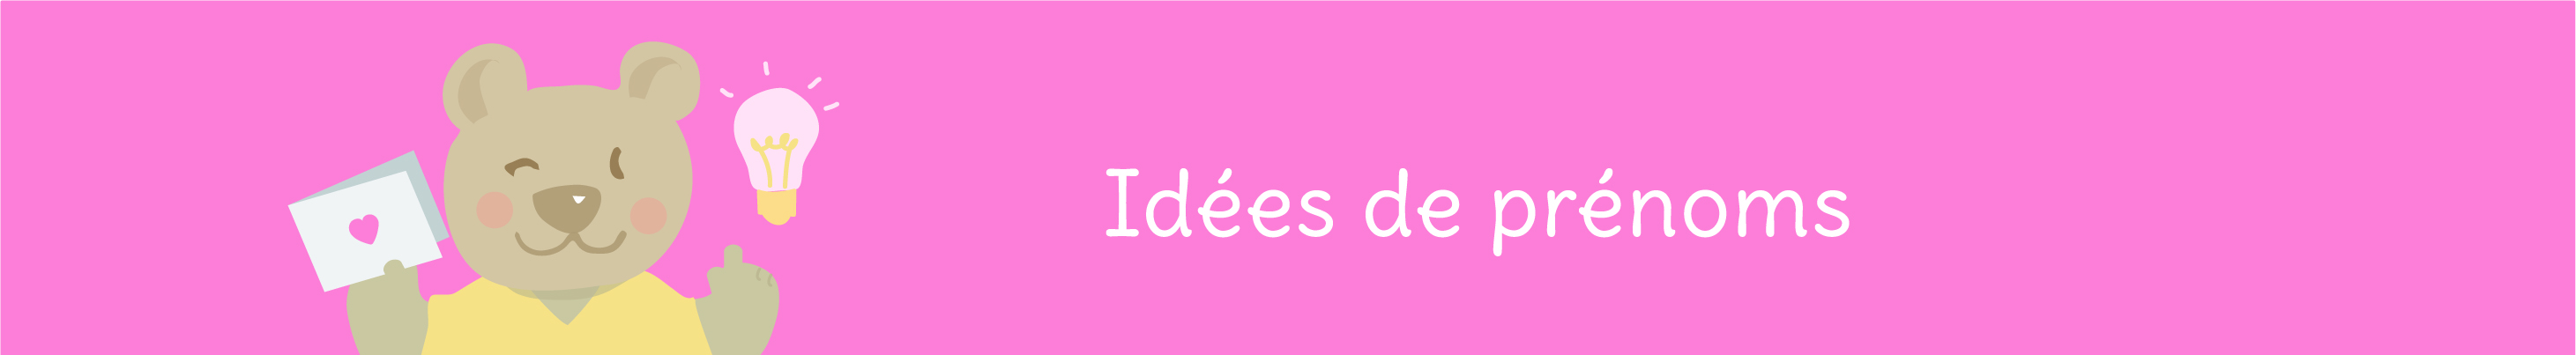 idees de prénoms bébé par thème